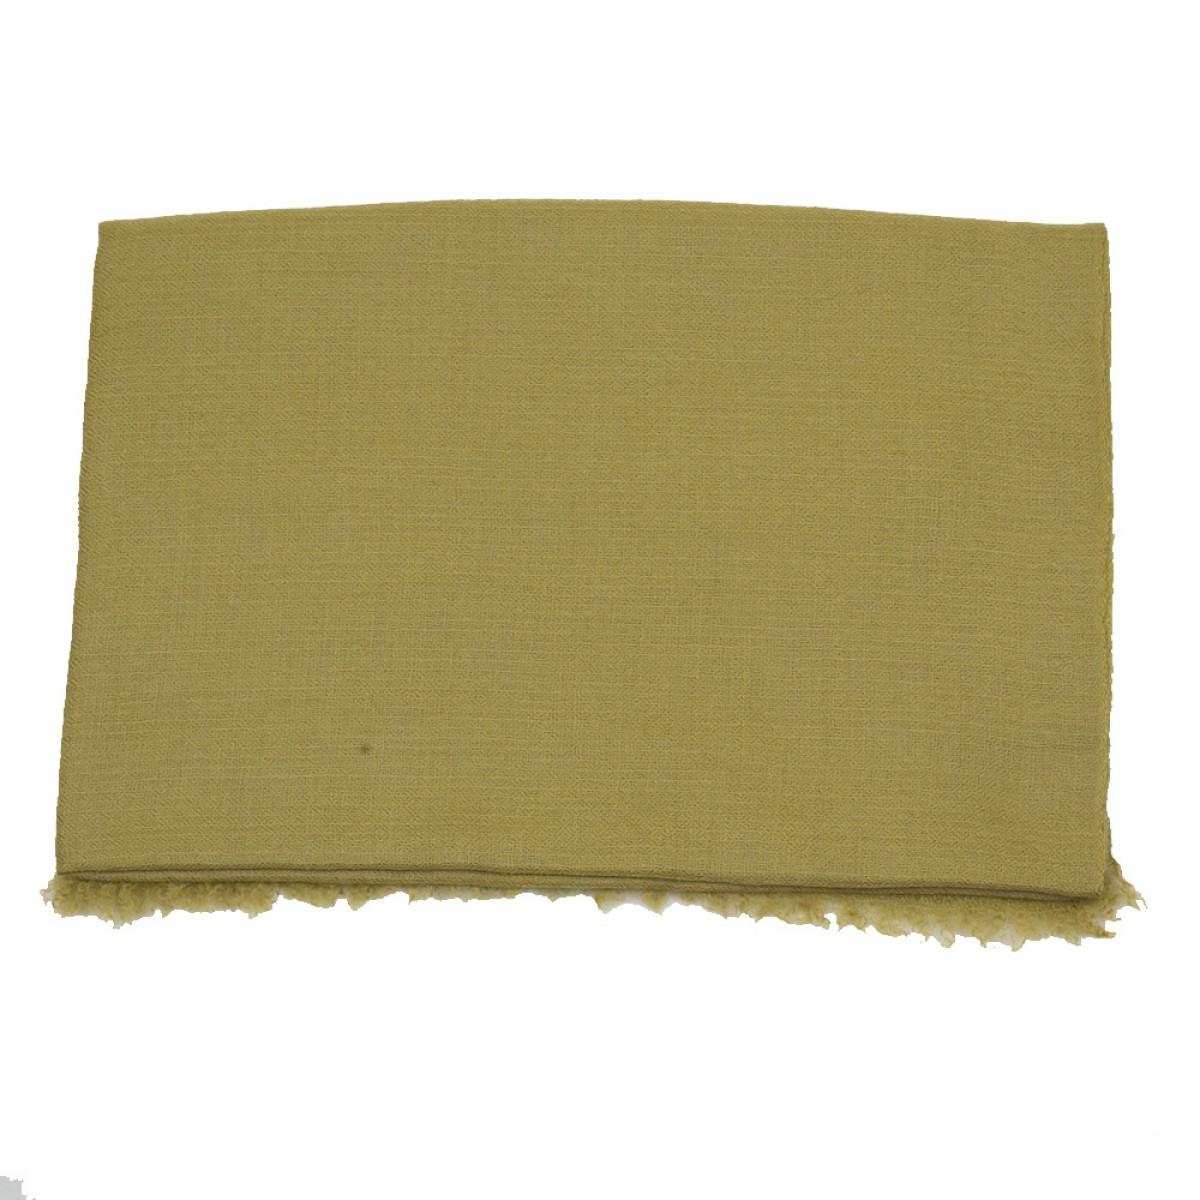 Plain Pashmina Stole - Olive Green